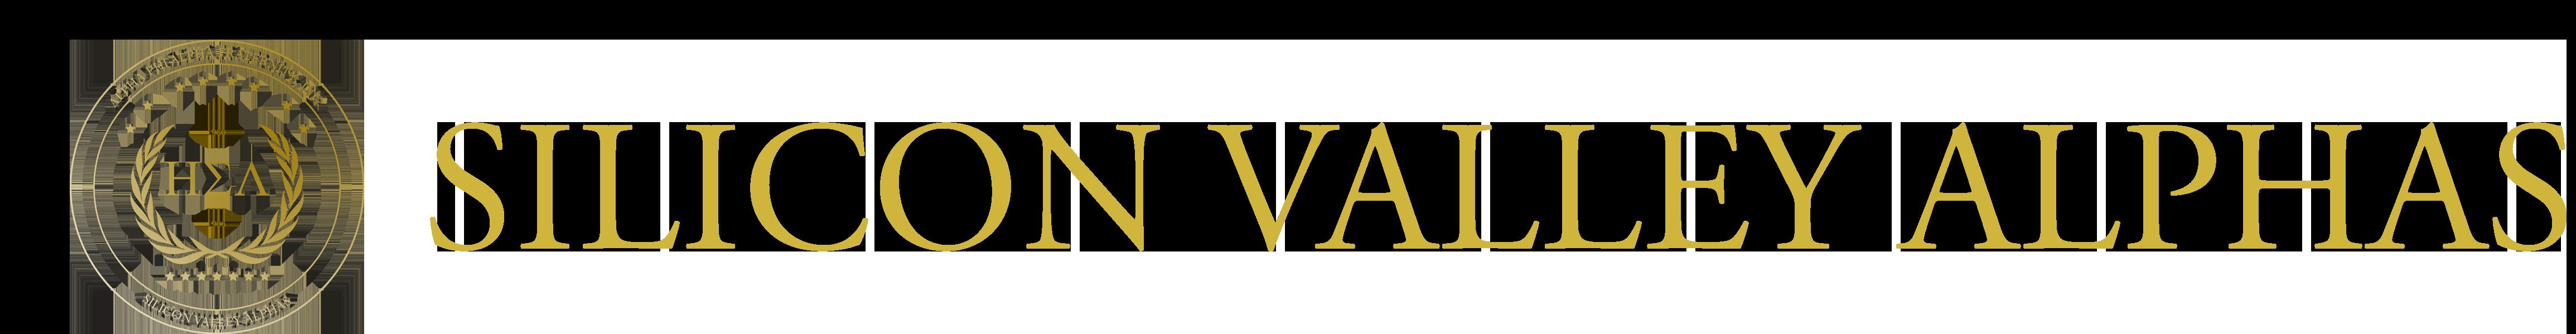 Silicon Valley Alphas